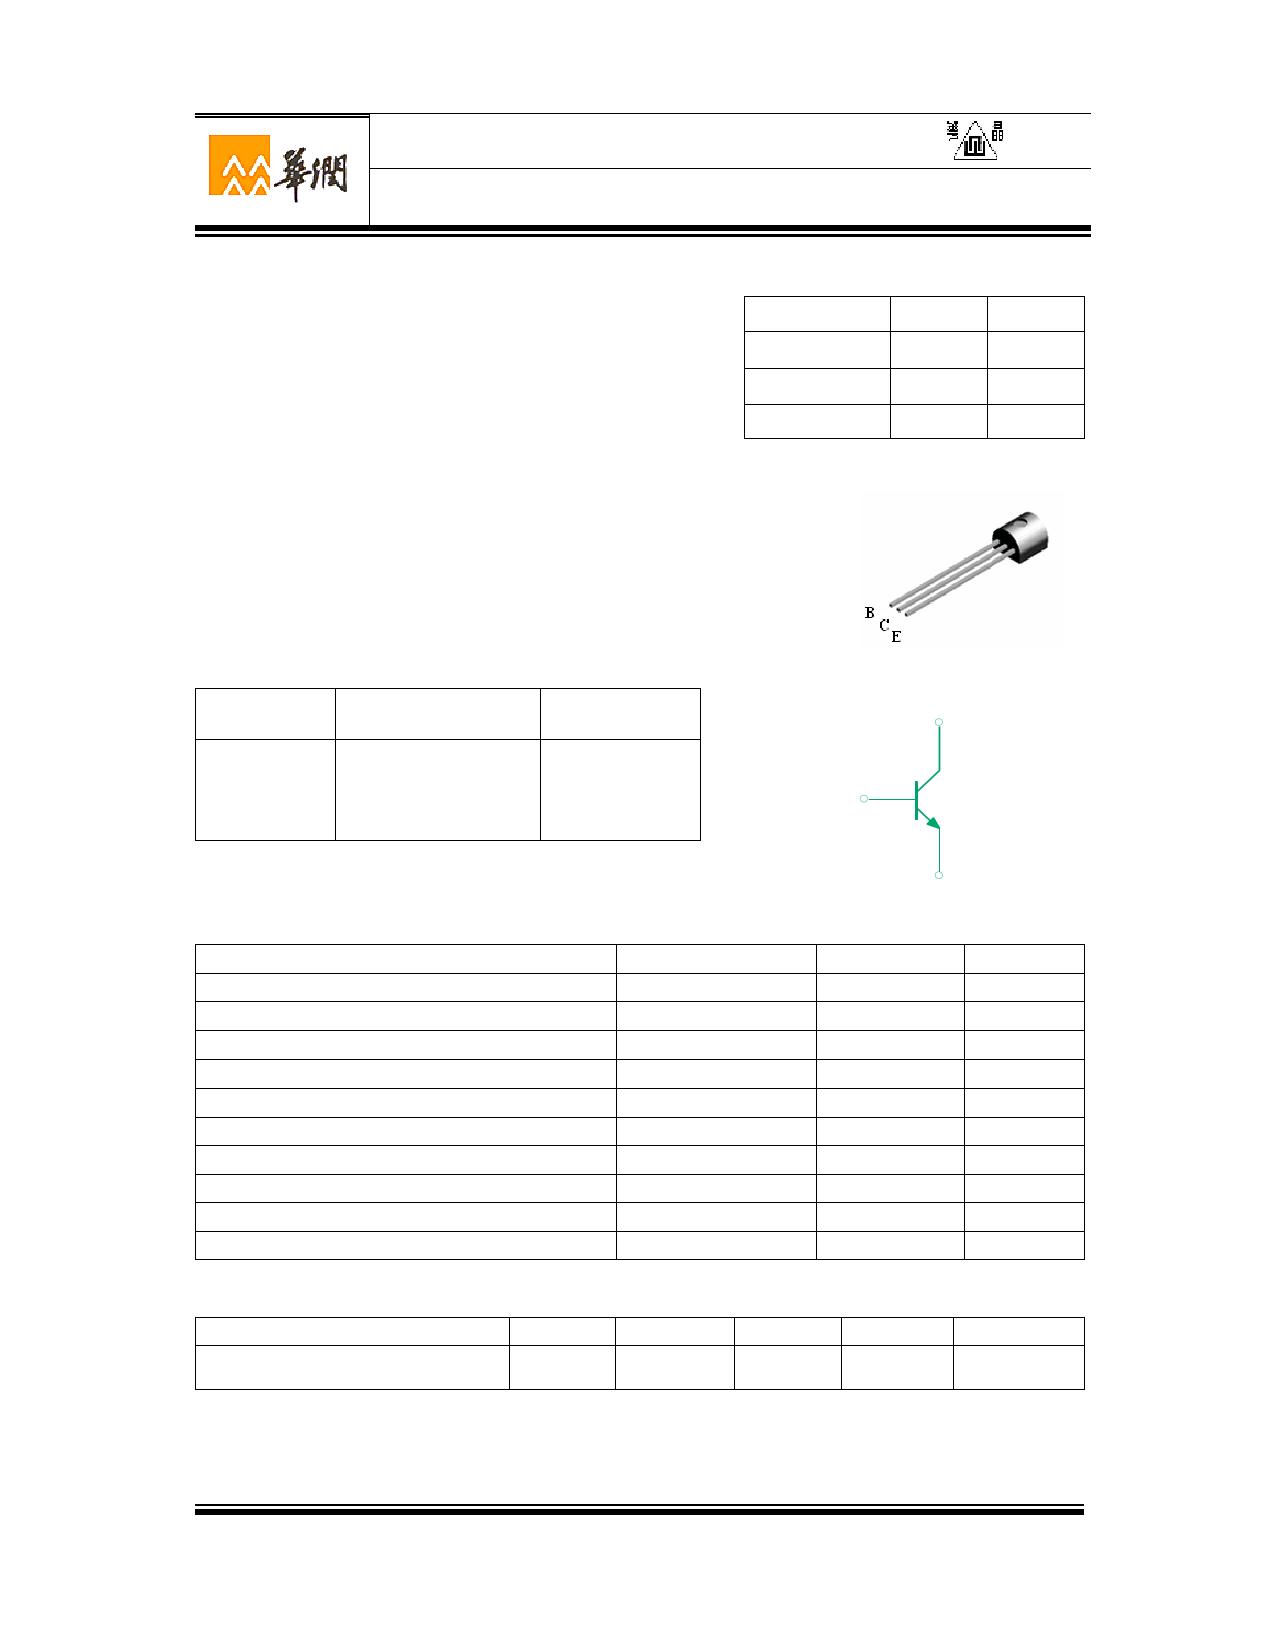 3DD3040A1 Datasheet, 3DD3040A1 PDF,ピン配置, 機能